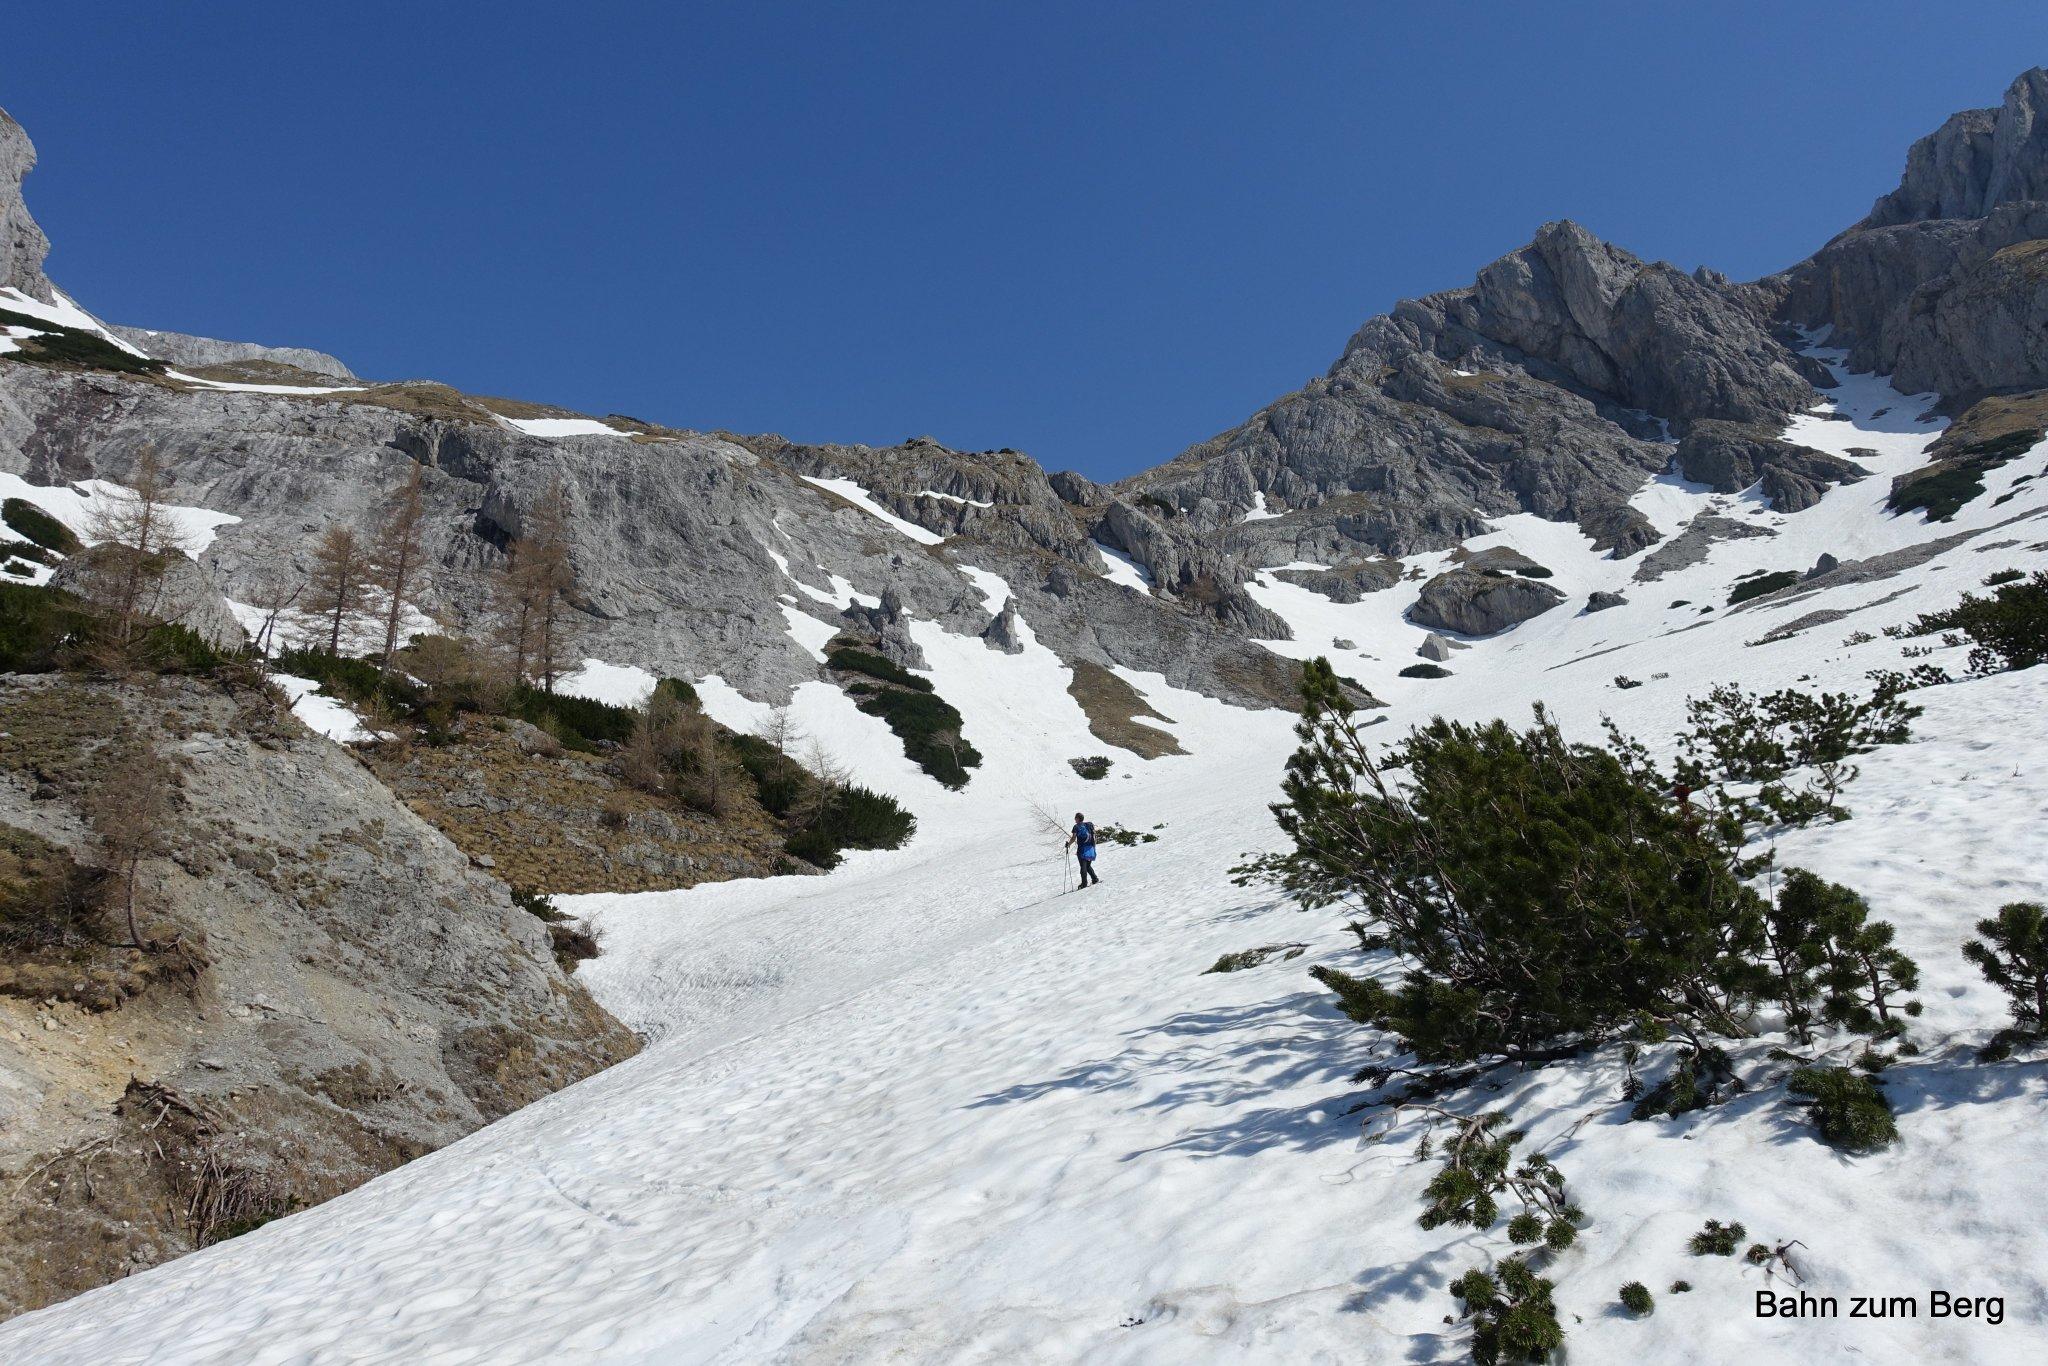 Ganz im Talschluß des Trawiestals liegt schon noch viel Schnee